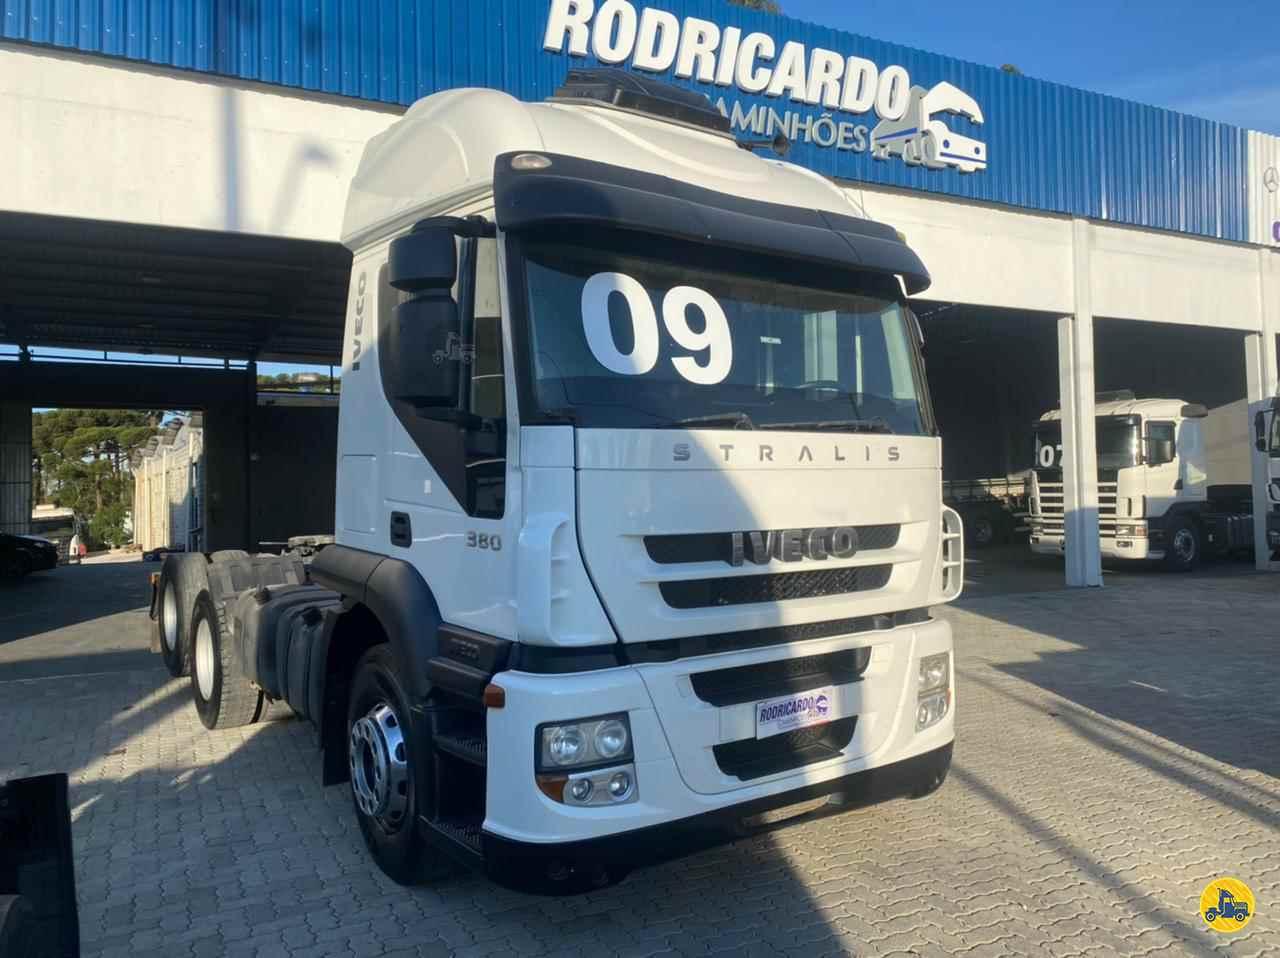 CAMINHAO IVECO STRALIS 380 Cavalo Mecânico Truck 6x2 Rodricardo Caminhões COLOMBO PARANÁ PR